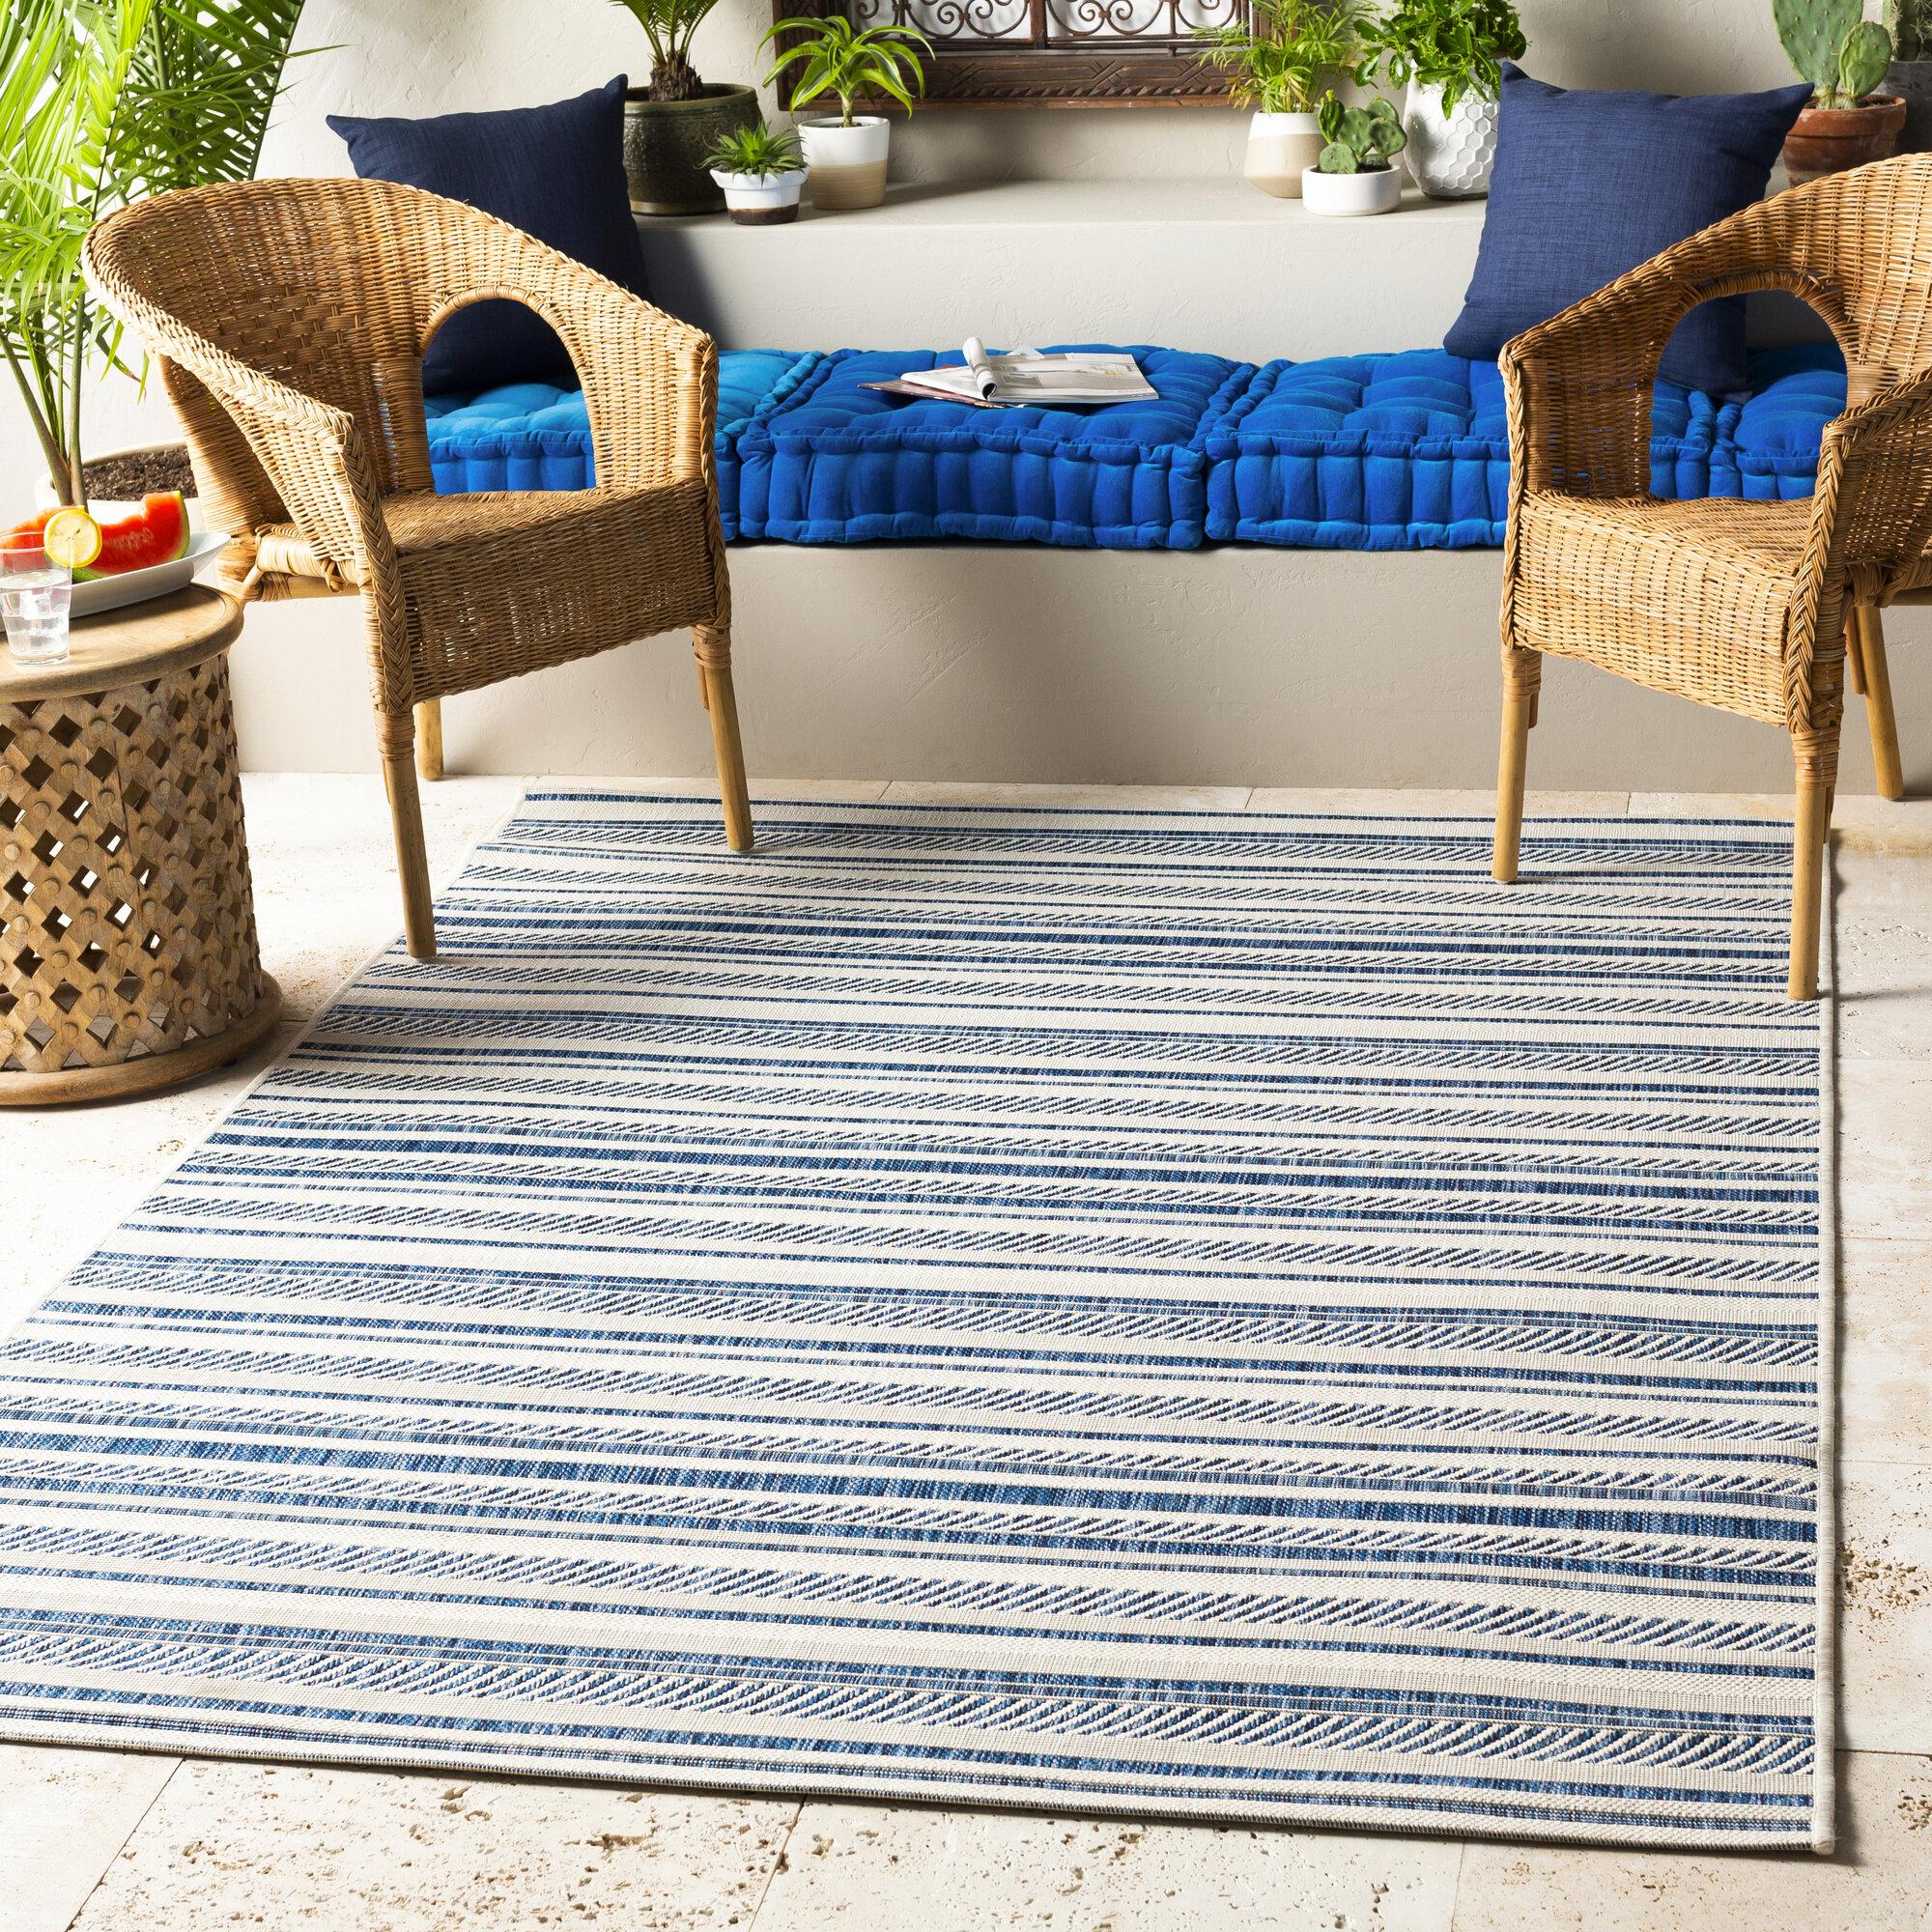 Indoor Outdoor Rugs for Garden Patio AreaTeal Blue /& Grey Flatweave Mats NEW